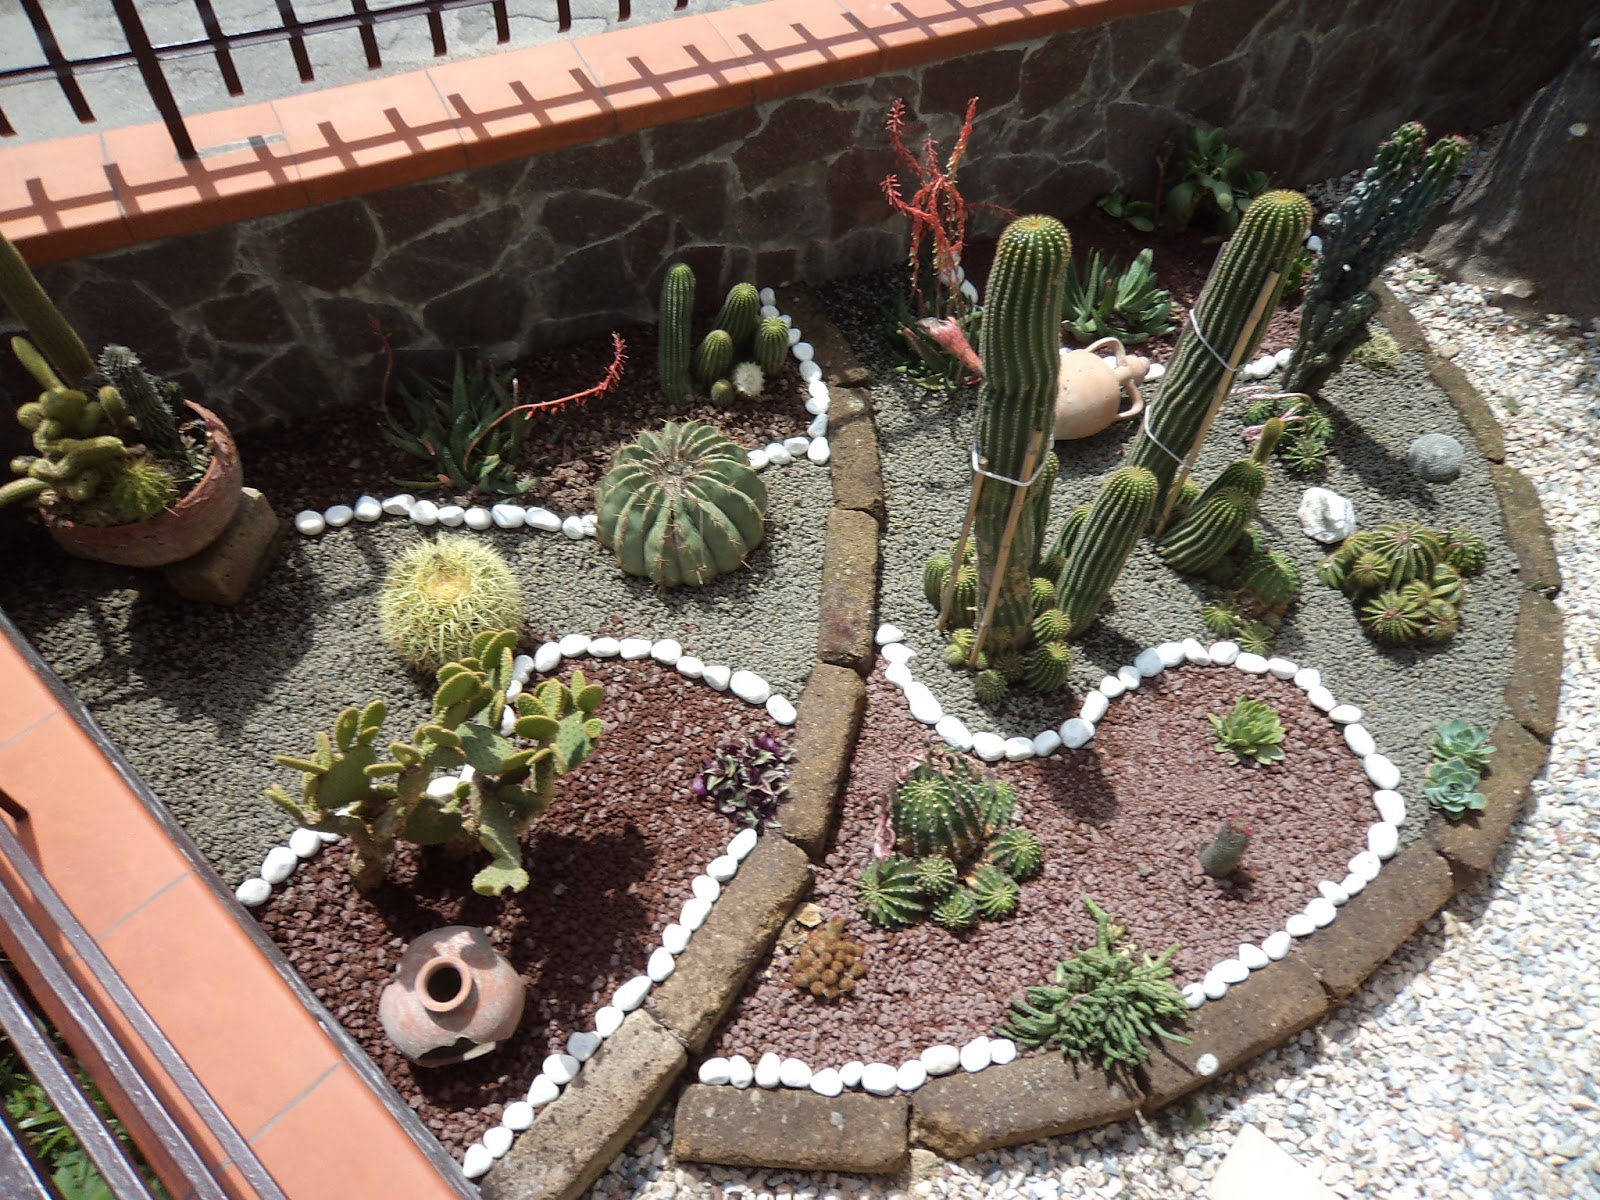 I giardini di carlo e letizia giardino di piante grasse - Ciottoli bianchi da giardino ...